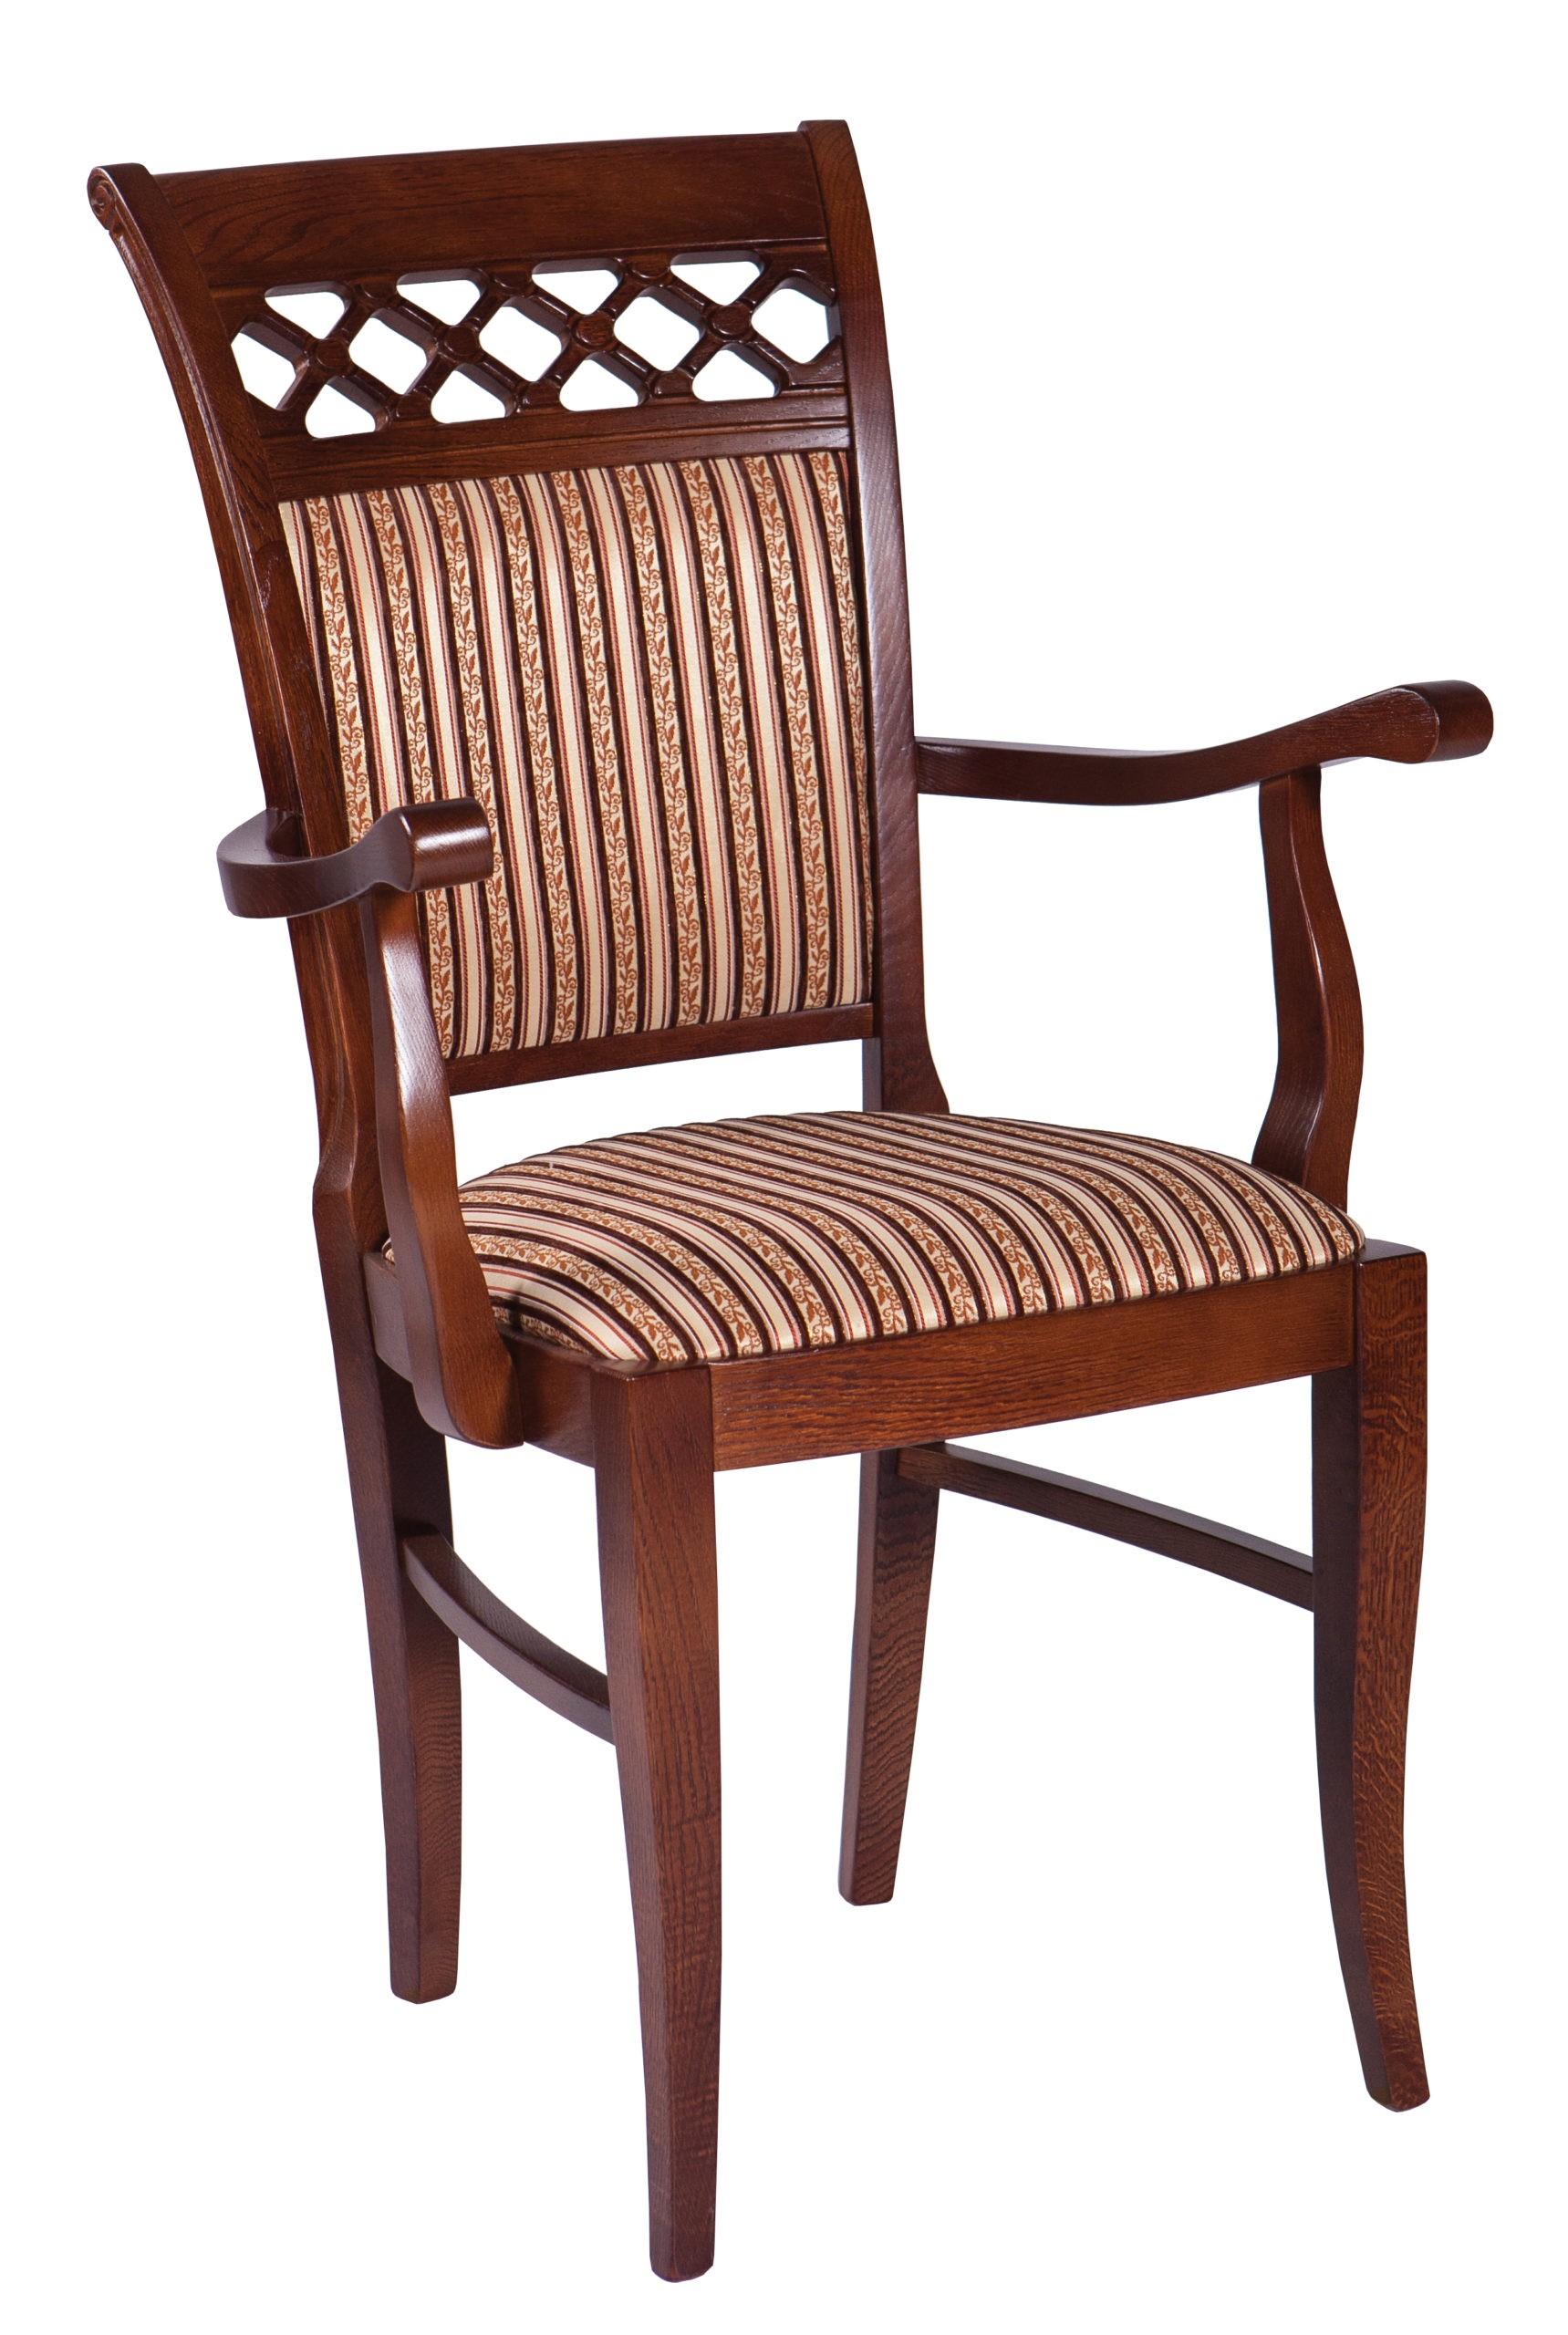 Włoskie stylowe krzesło do salonu z podłokietnikami KT52